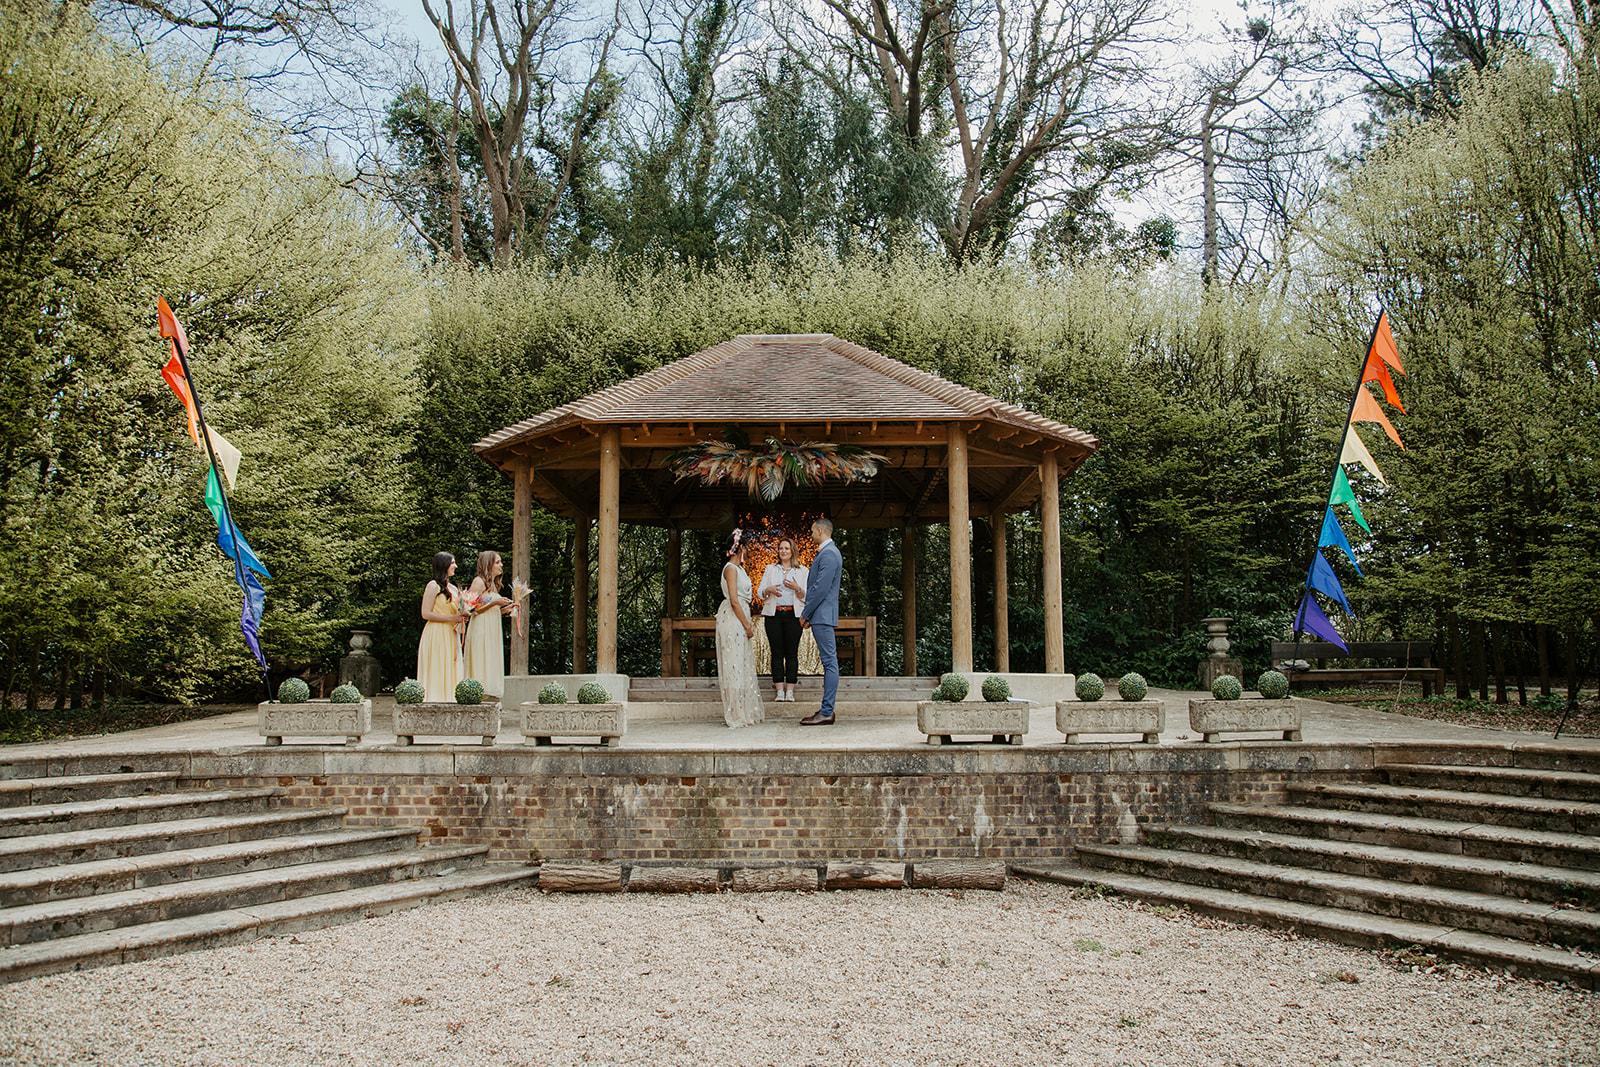 drive in wedding - camper van wedding - outdoor wedding ceremony - celebrant wedding ceremony - small wedding ceremony